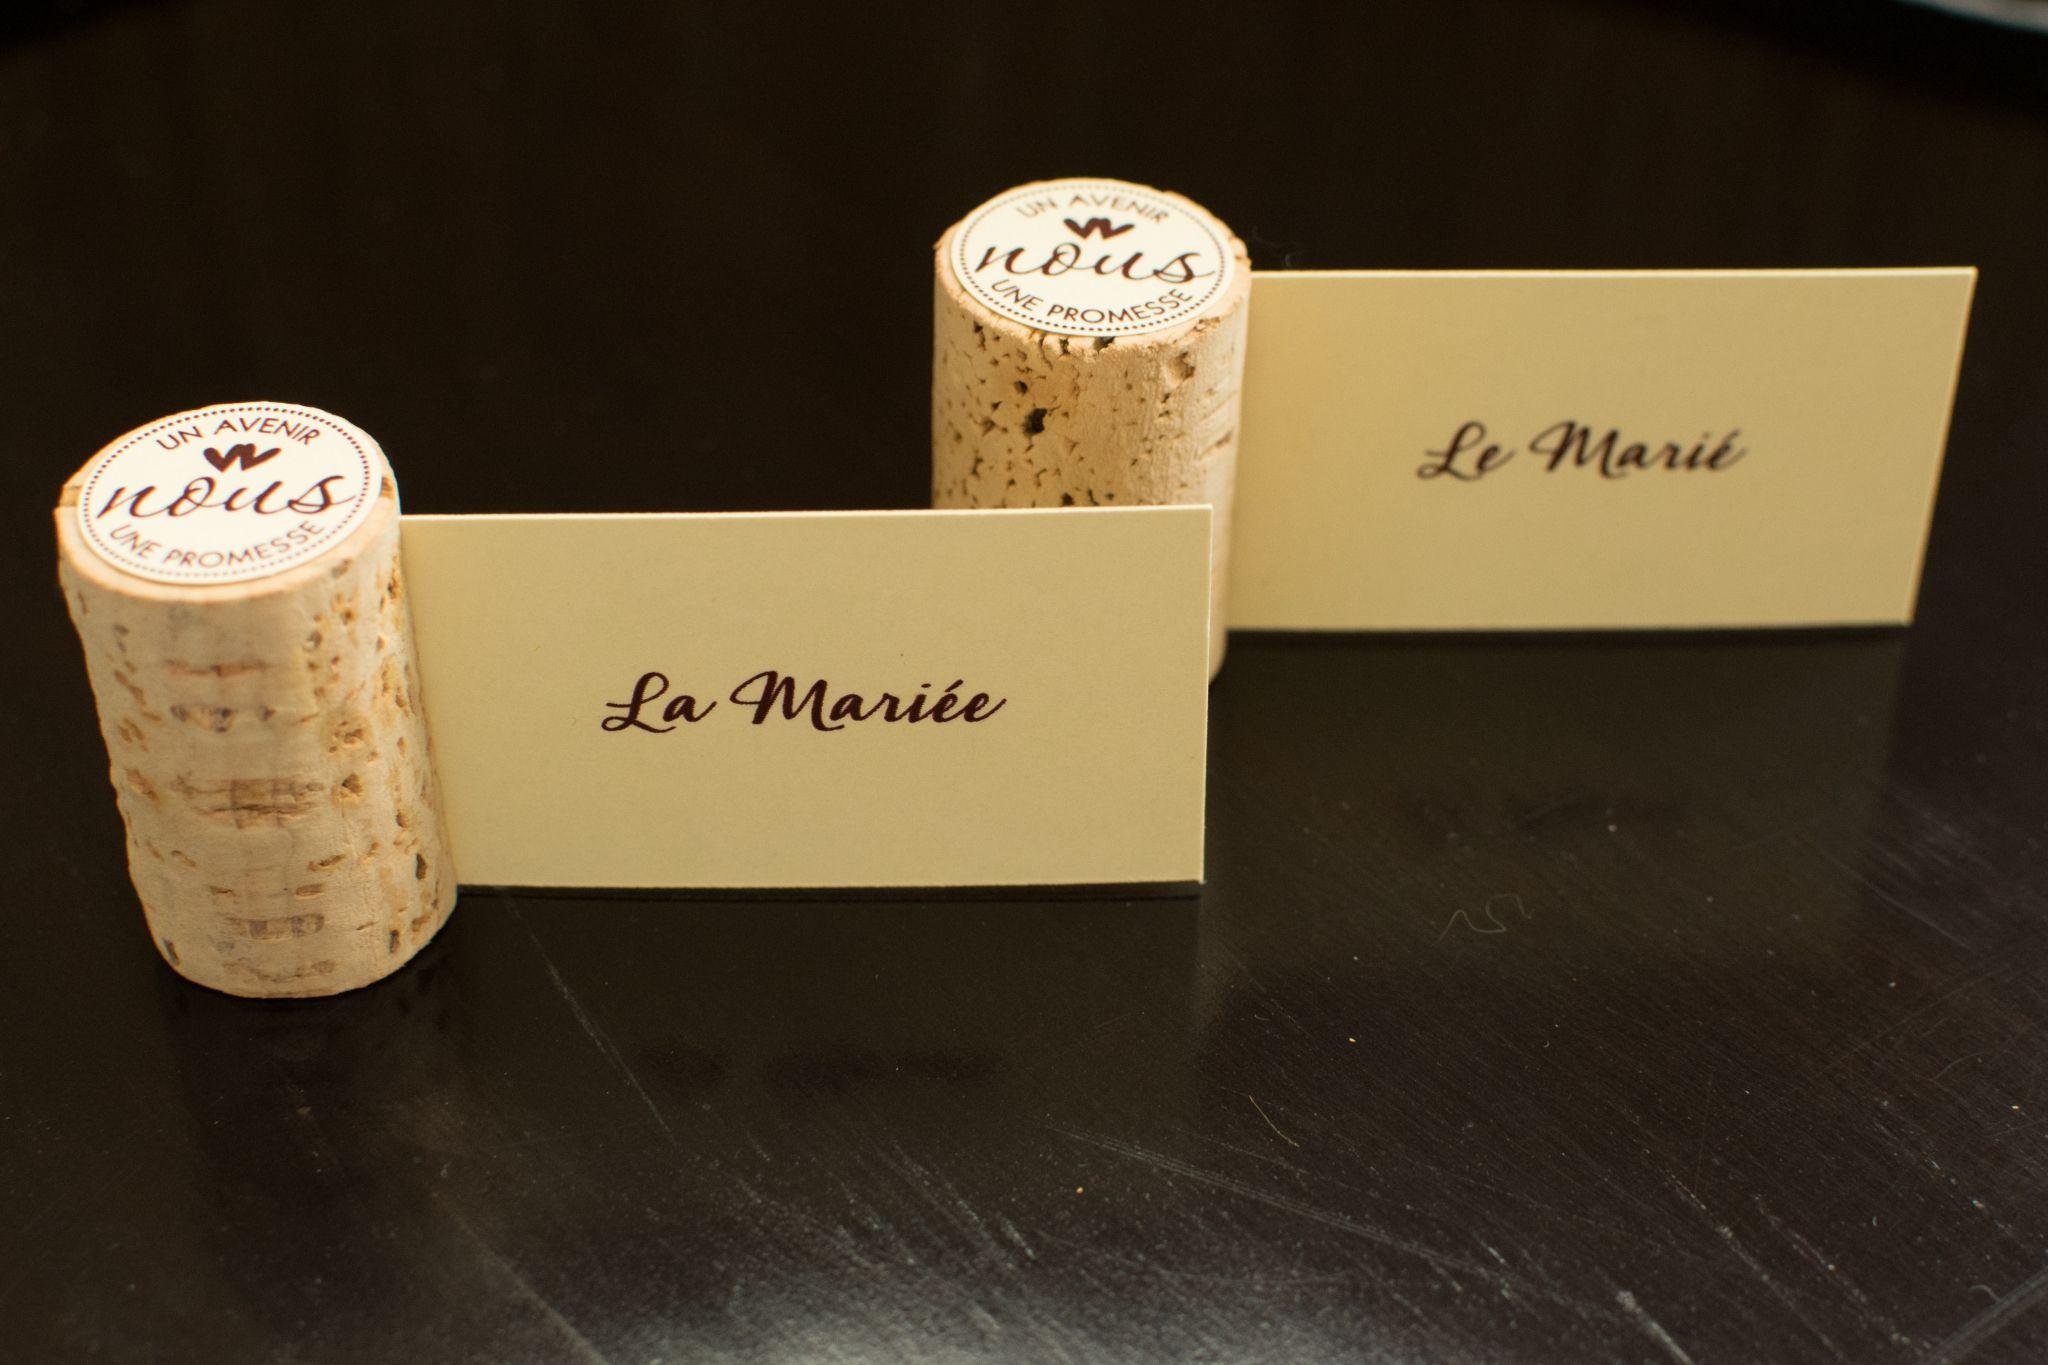 mariage th me vin vigne bouchon marque place tiquette mariage pinterest vin vigne. Black Bedroom Furniture Sets. Home Design Ideas